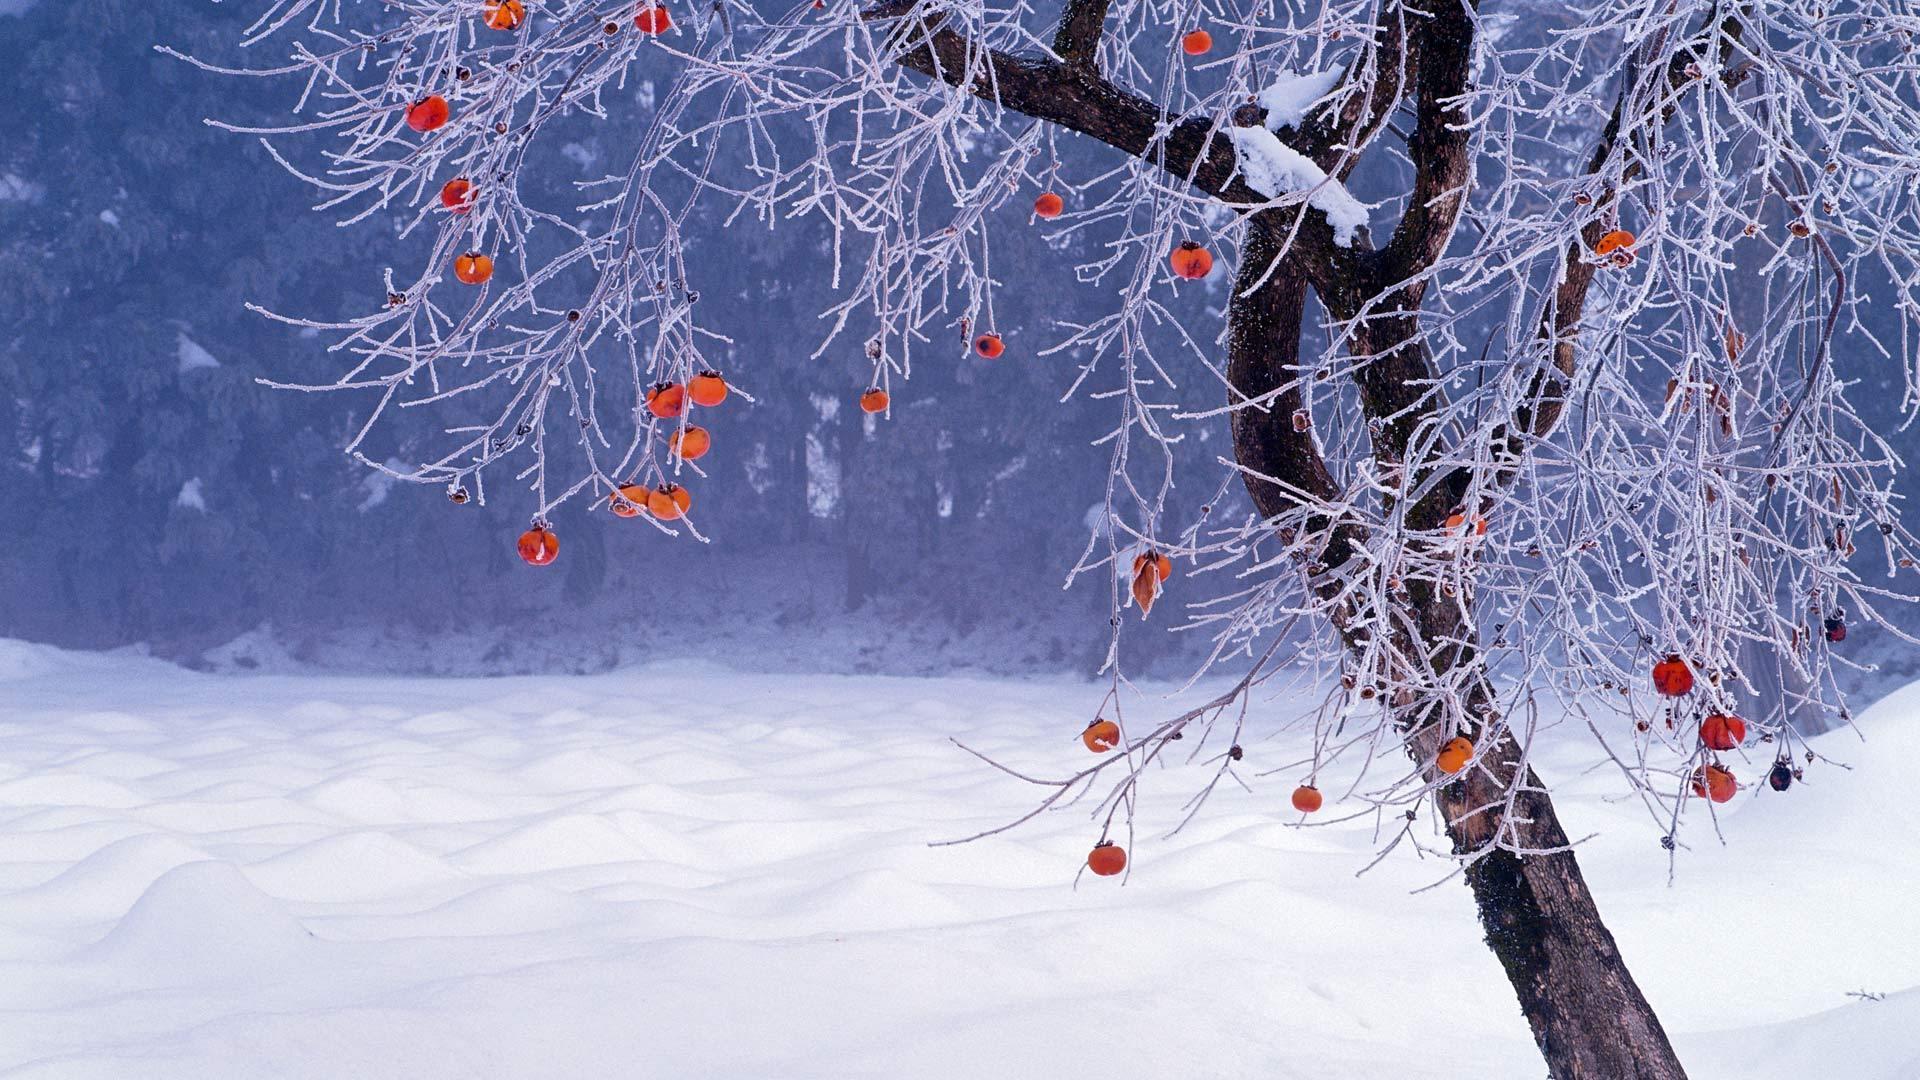 冬日里的福岛